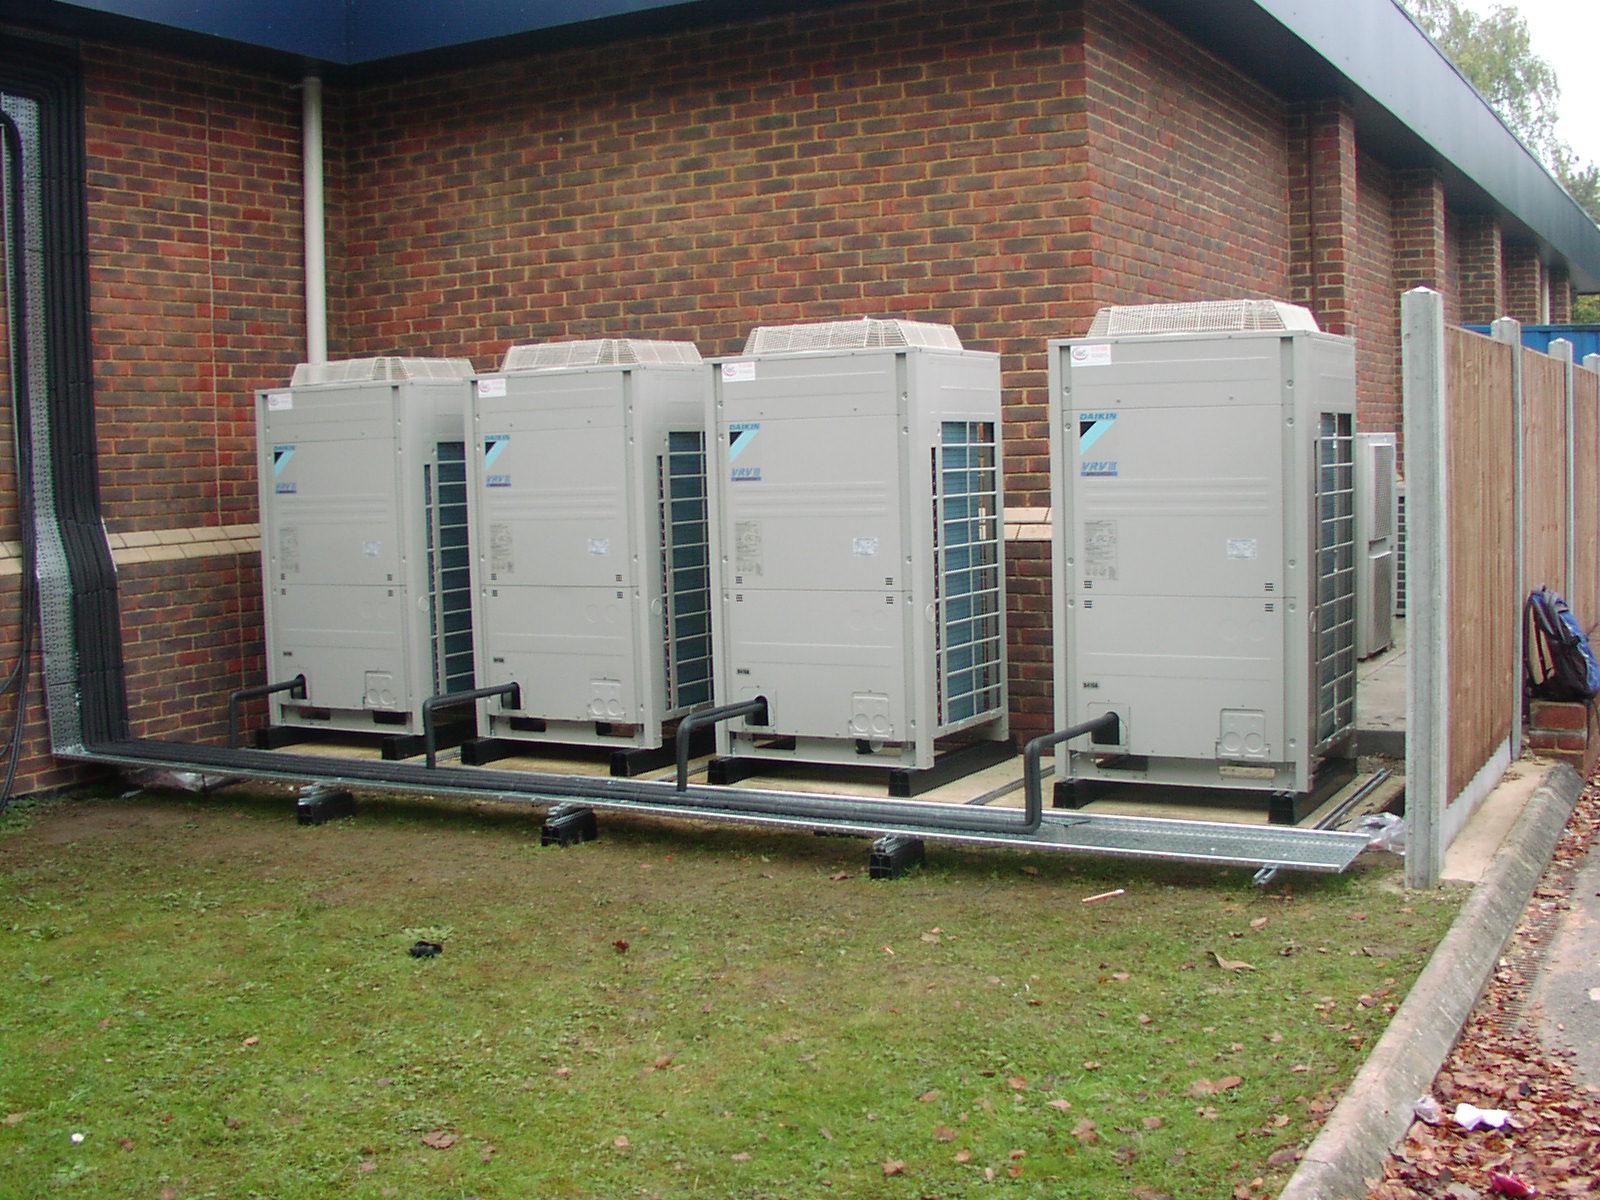 Quando e quem inventou o ar condicionado?